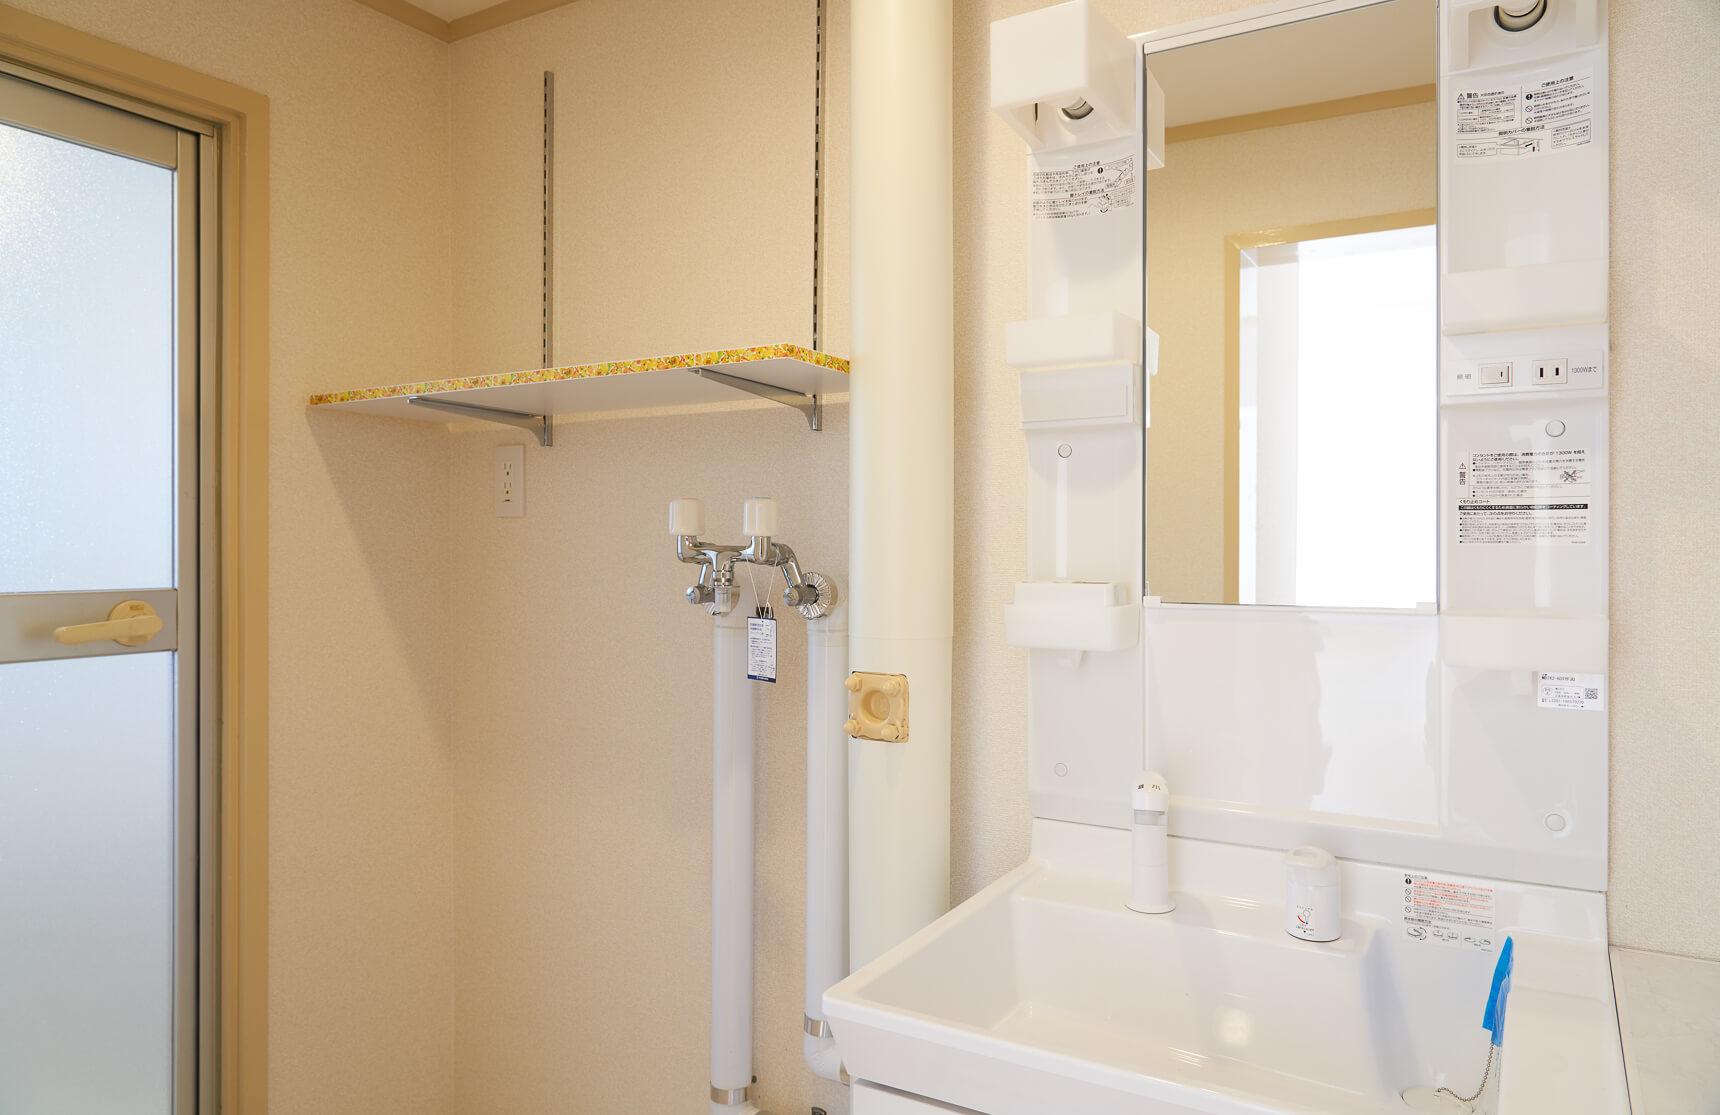 収納力が気になるお風呂前の脱衣スペース。洗濯機の上にも、可動式の収納棚があって、置きたいものに合わせて棚板が設置できるのが嬉しい。タオルを置いたり、洗剤を置いたり何かと便利ですよね。